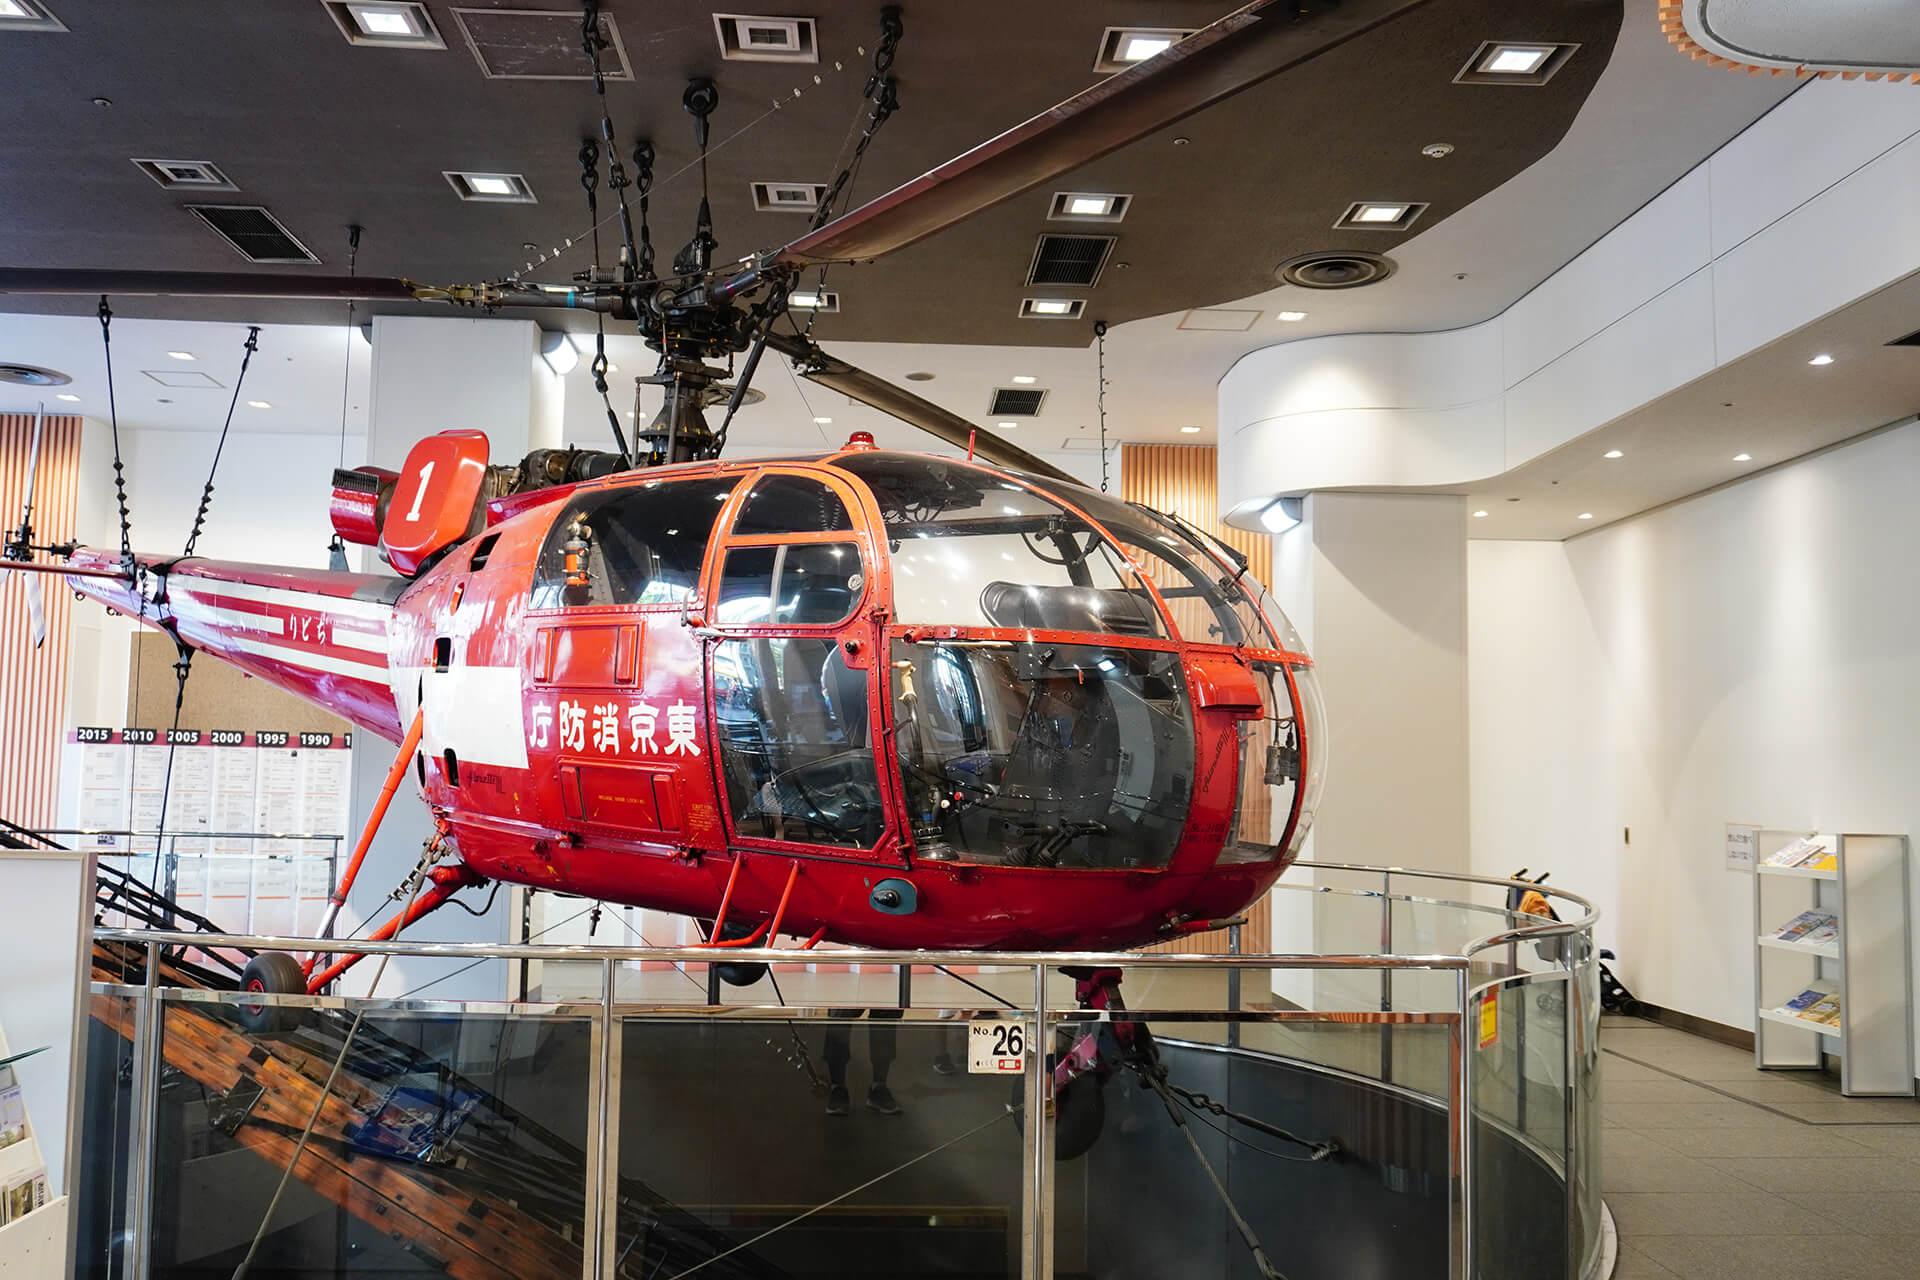 この写真は消防博物館にあるクラシックヘリコプター